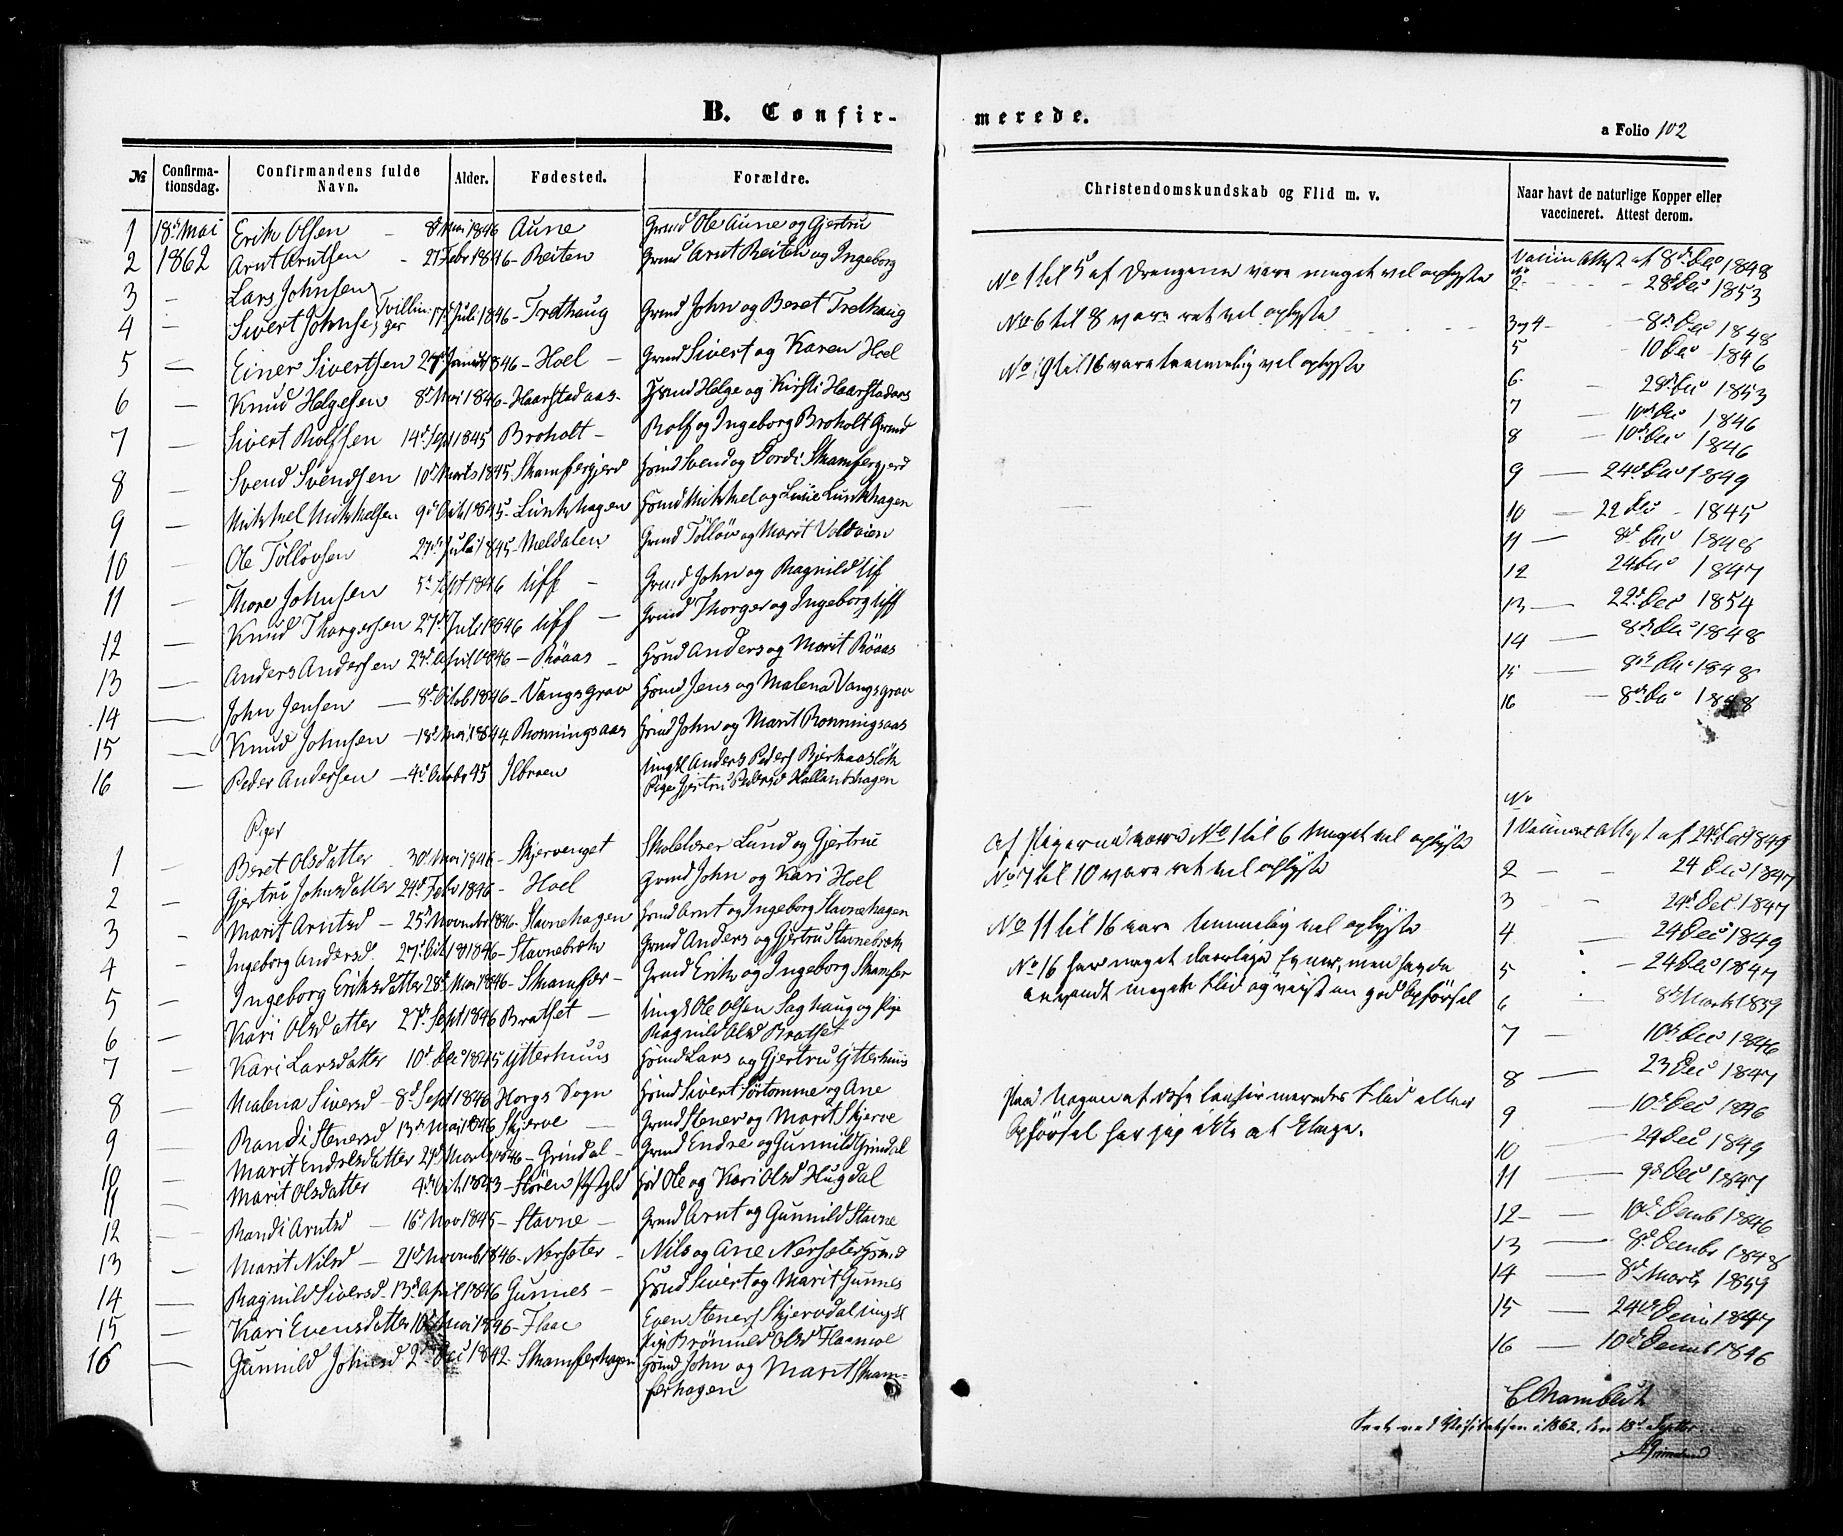 SAT, Ministerialprotokoller, klokkerbøker og fødselsregistre - Sør-Trøndelag, 674/L0870: Ministerialbok nr. 674A02, 1861-1879, s. 102